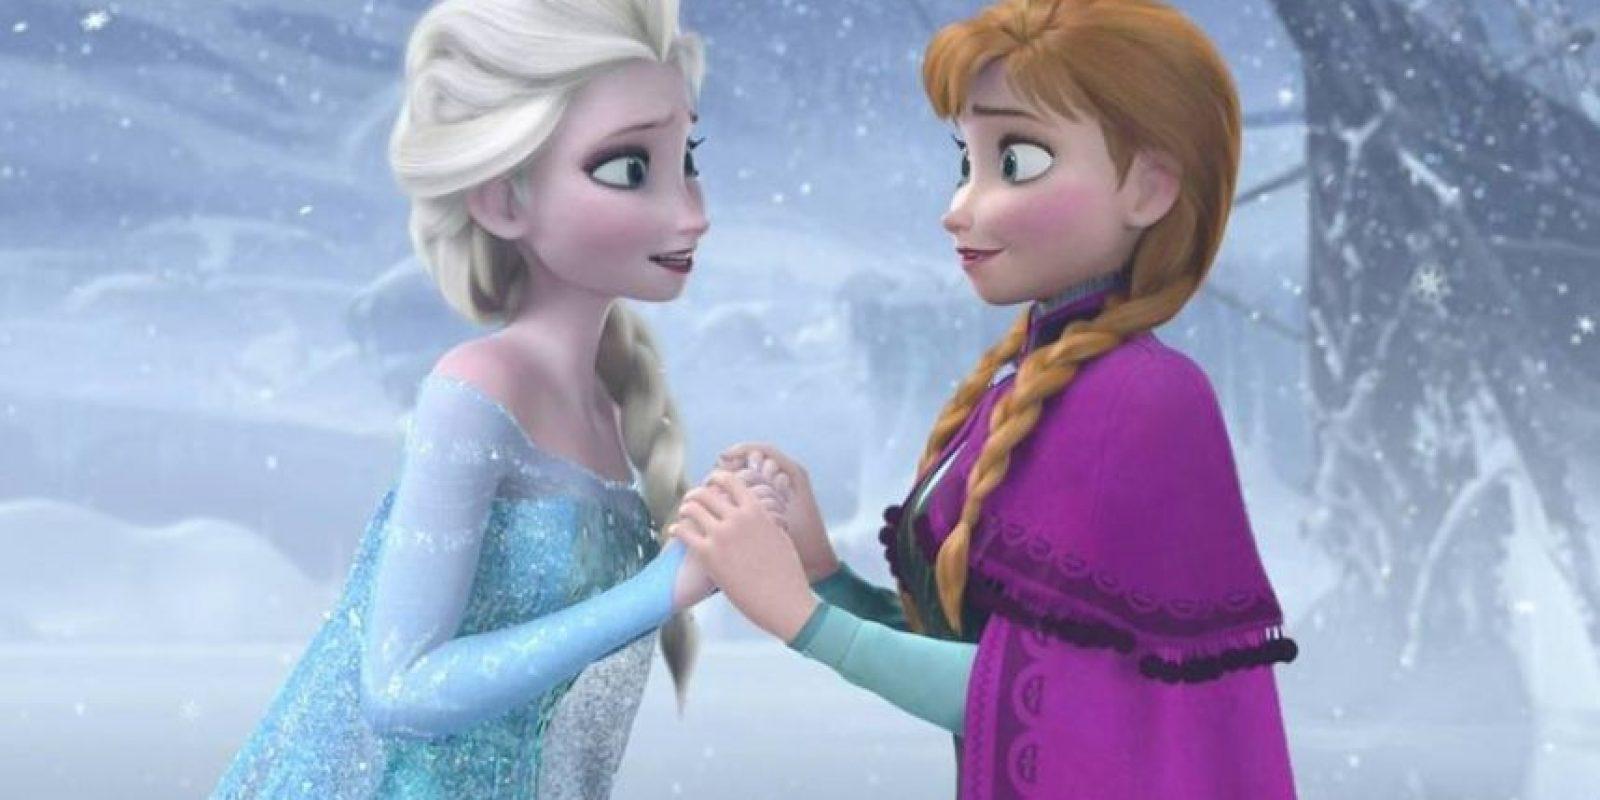 """A diferencia de otras películas infantiles, """"Frozen"""" tiene muy pocas escenas que podrían asustar a los pequeños. Foto:vía facebook.com/DisneyFrozen"""